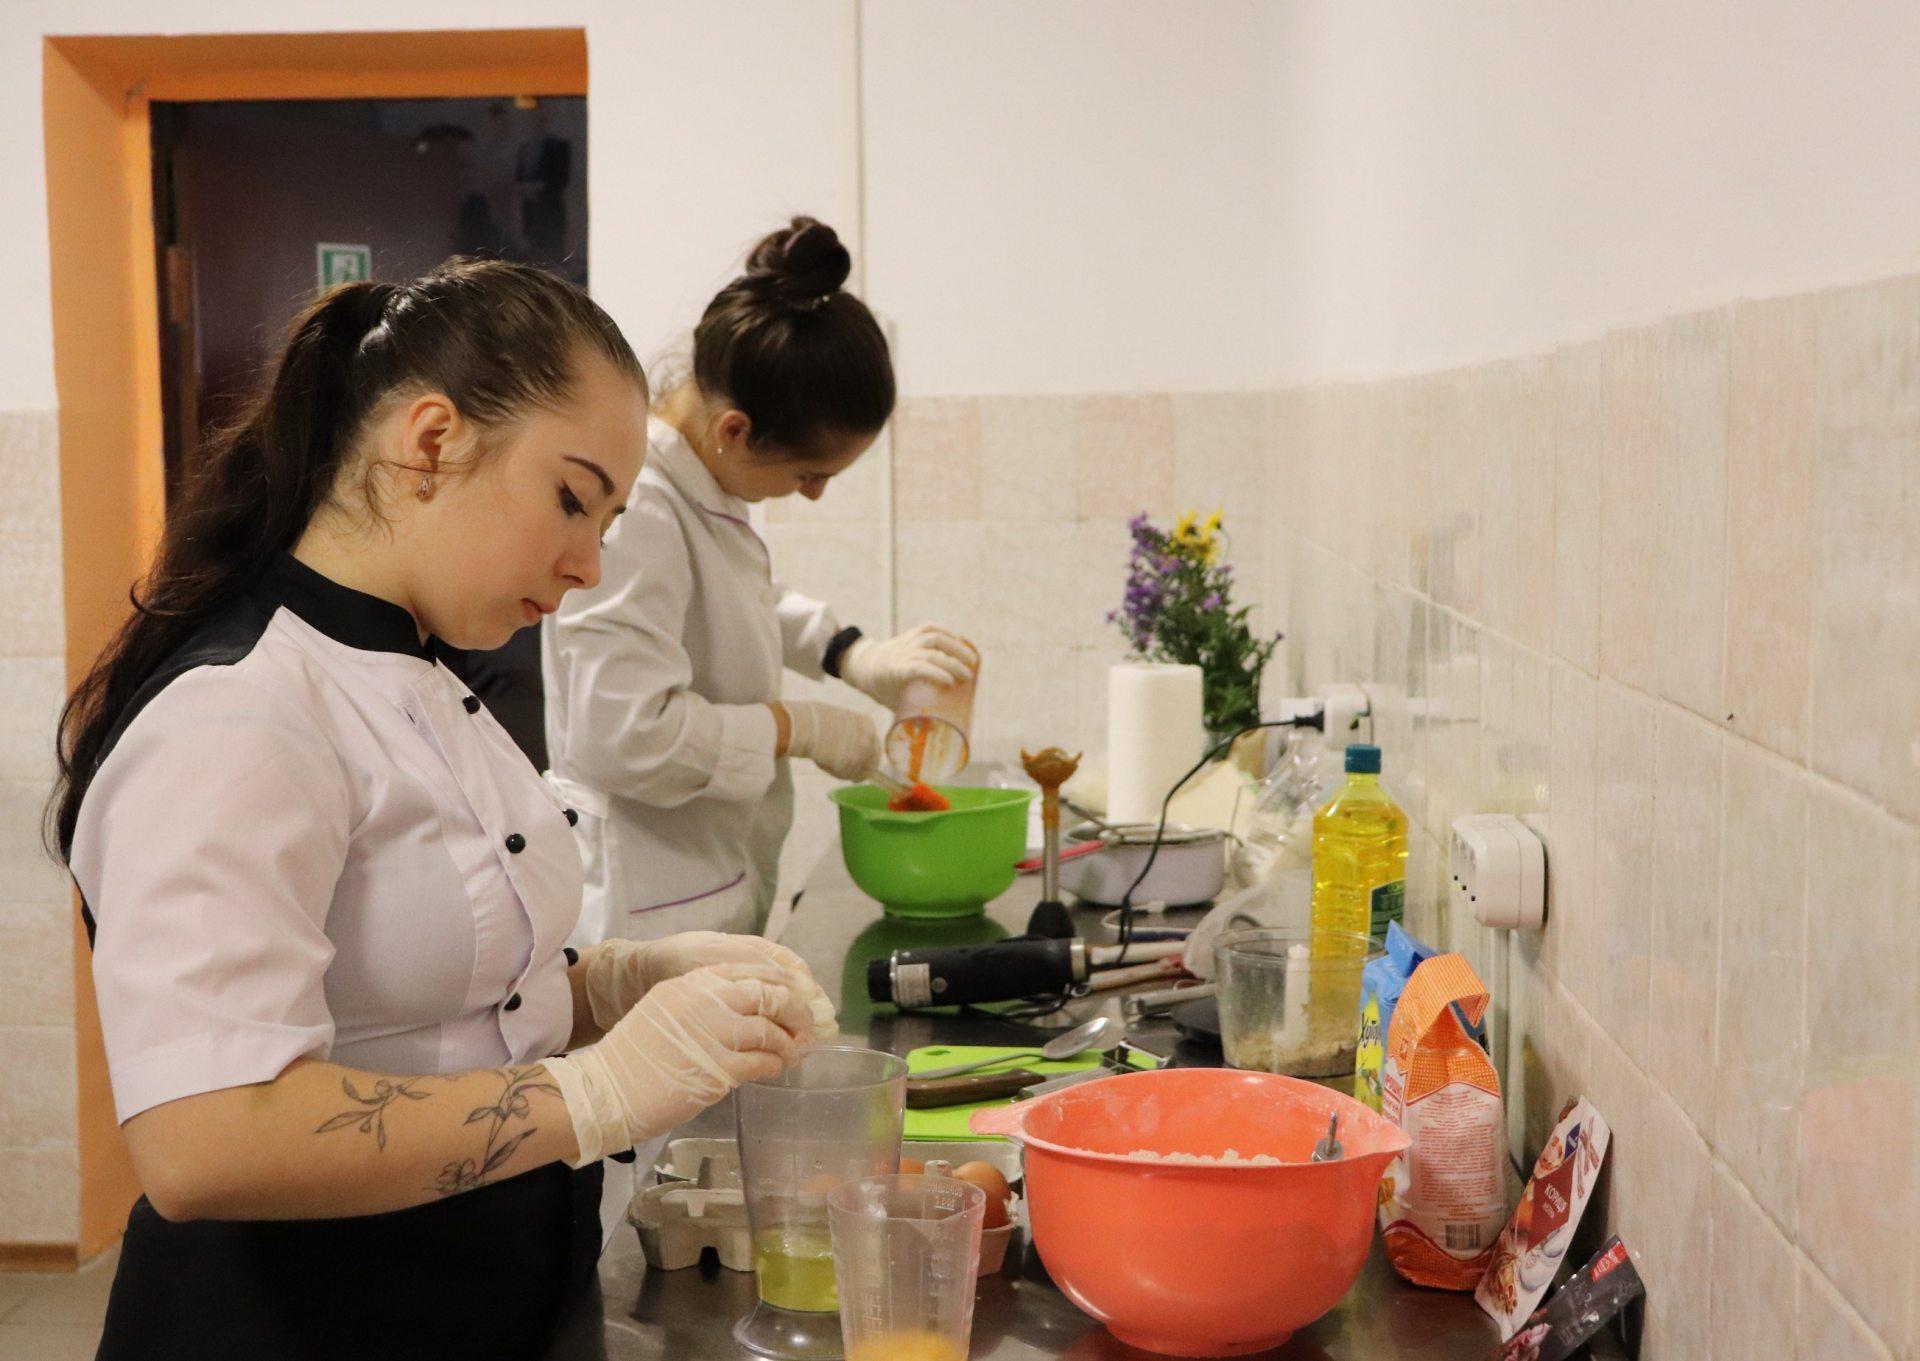 ХДУ, студенти, готування